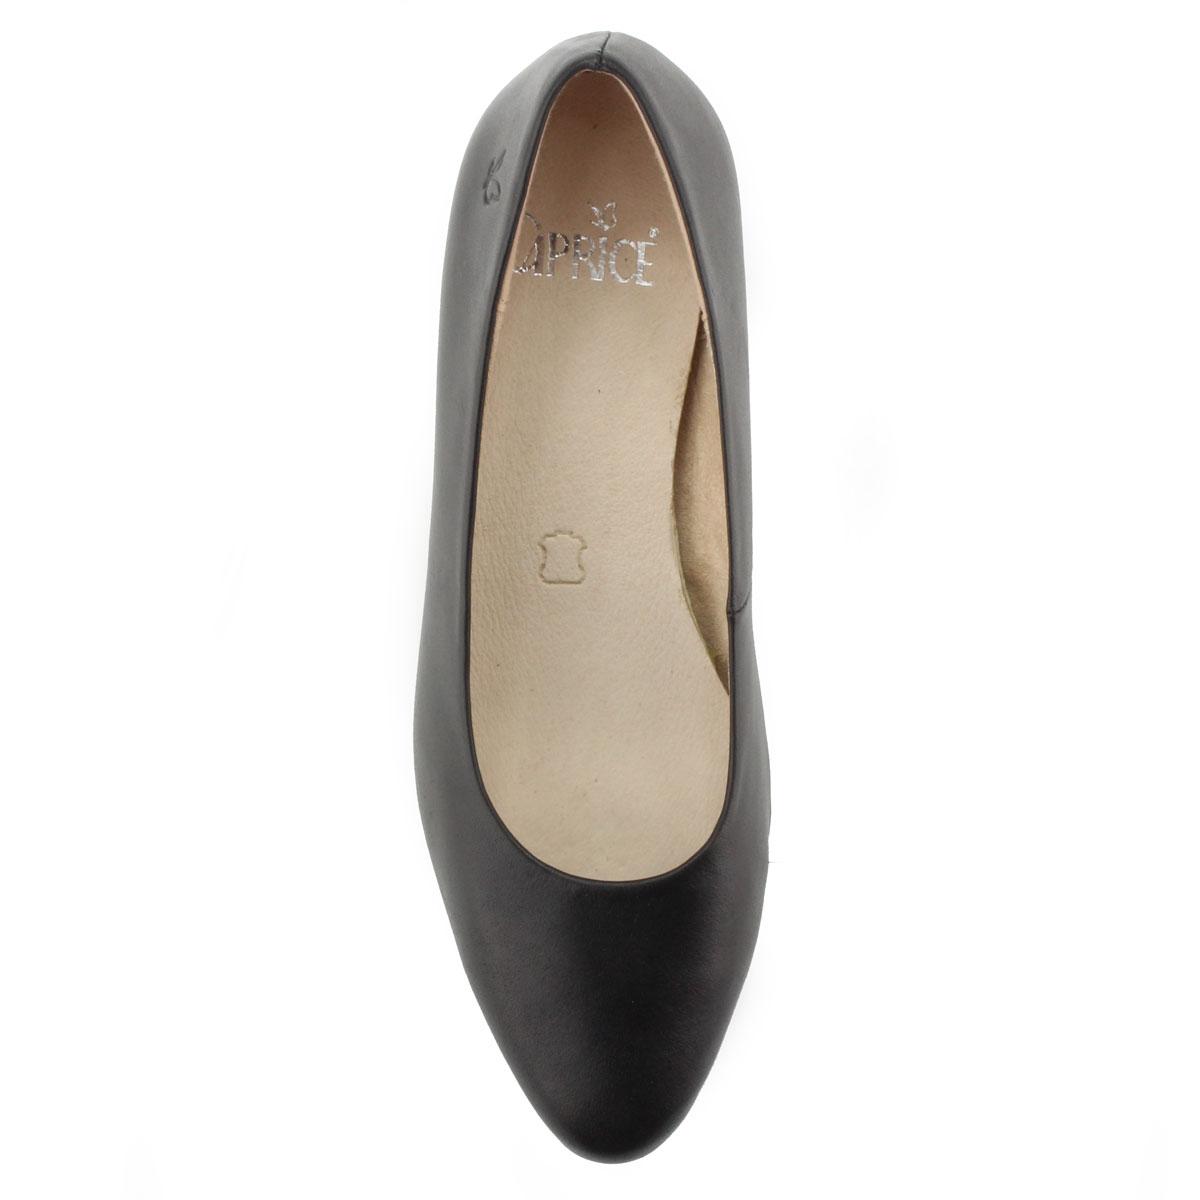 Caprice fekete bőr cipő - ChiX Női Cipő Webáruház 1b70a5bc5d